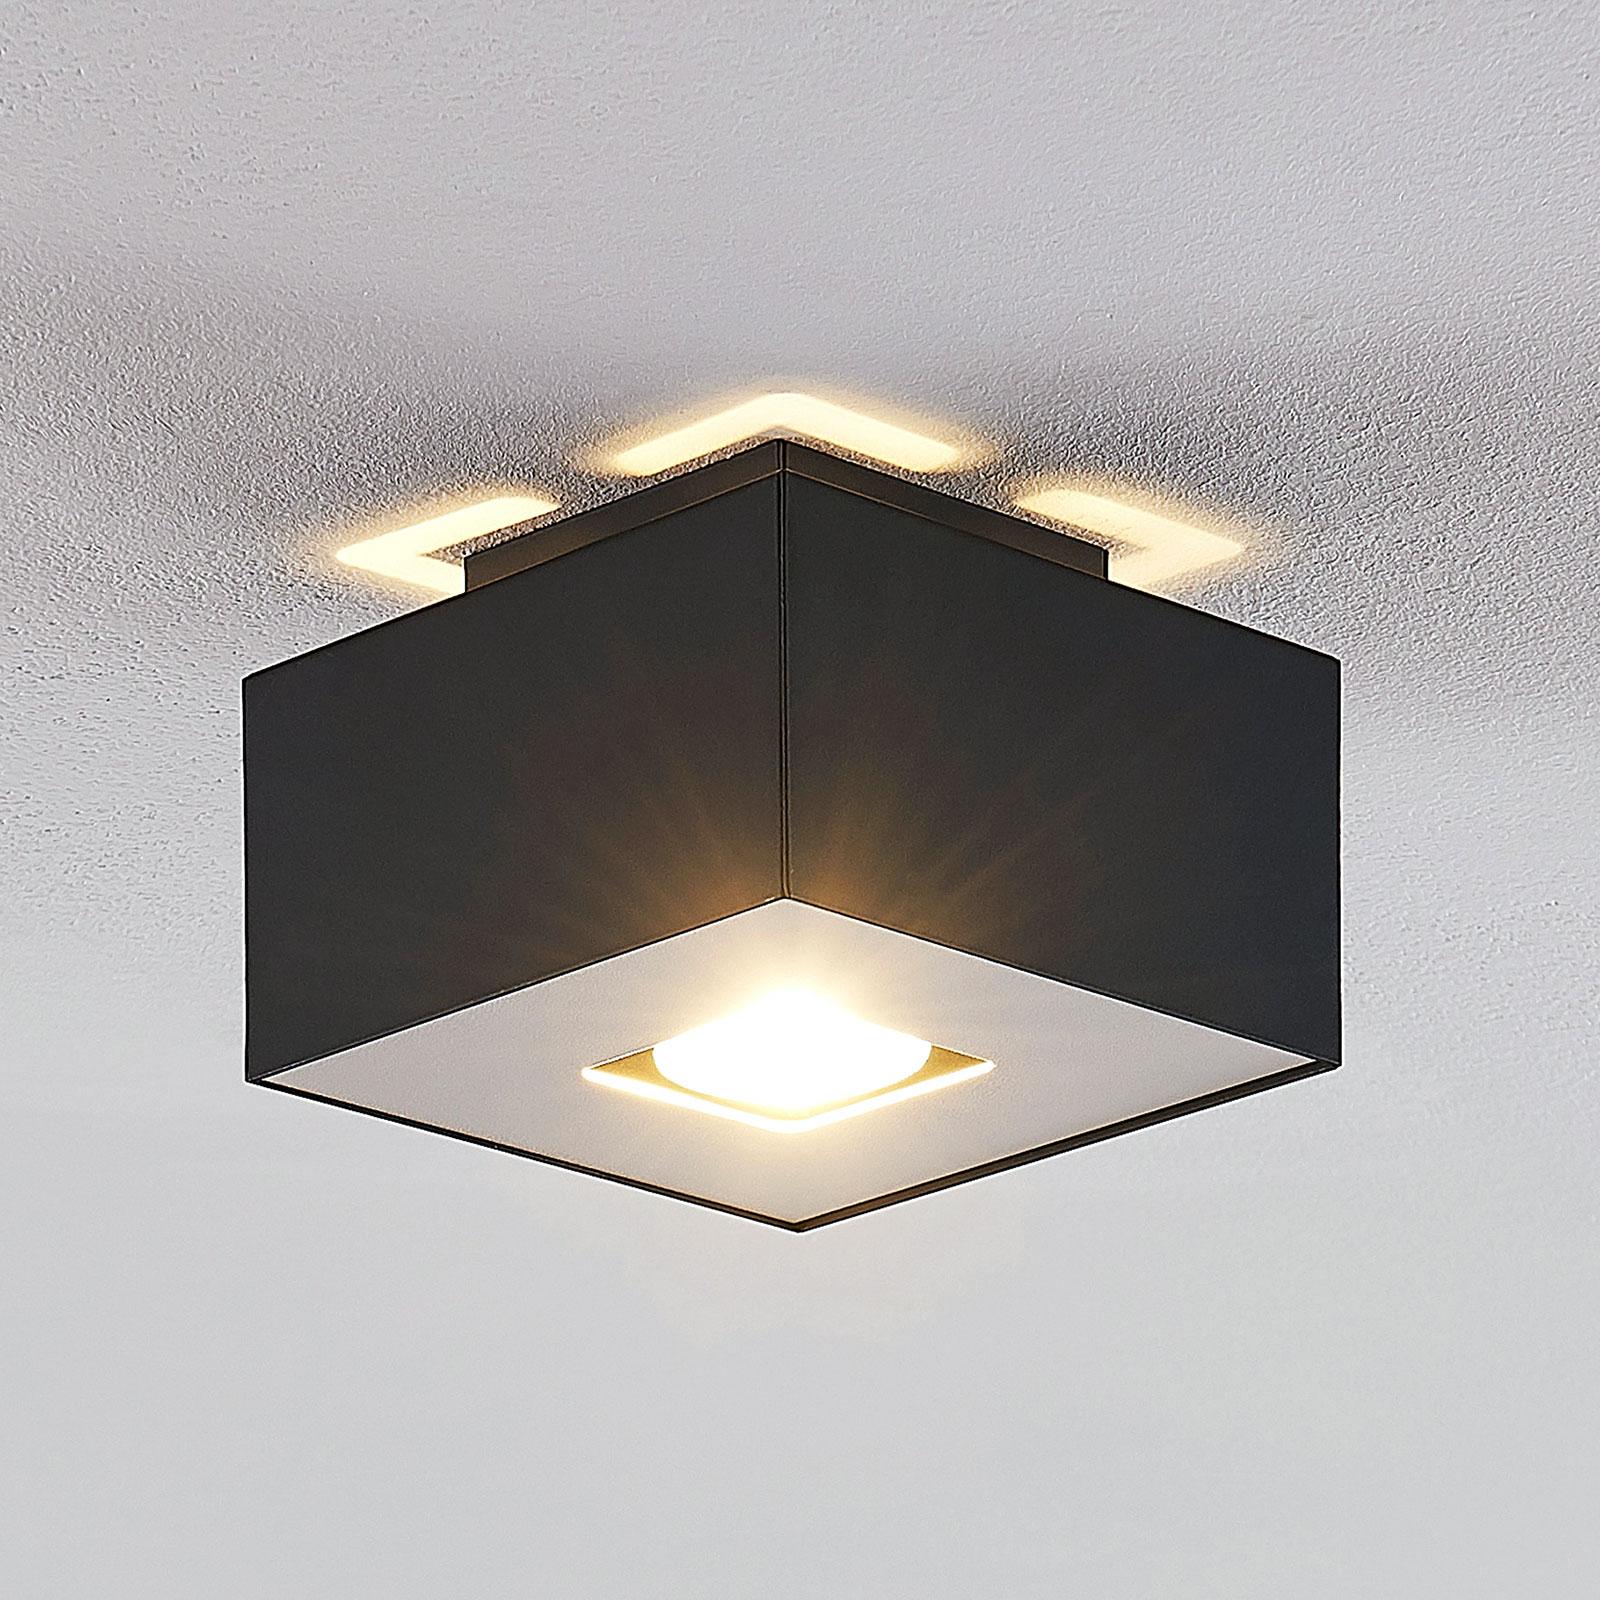 Lindby Kasi lampa sufitowa 1-punktowa, 14 x 14 cm